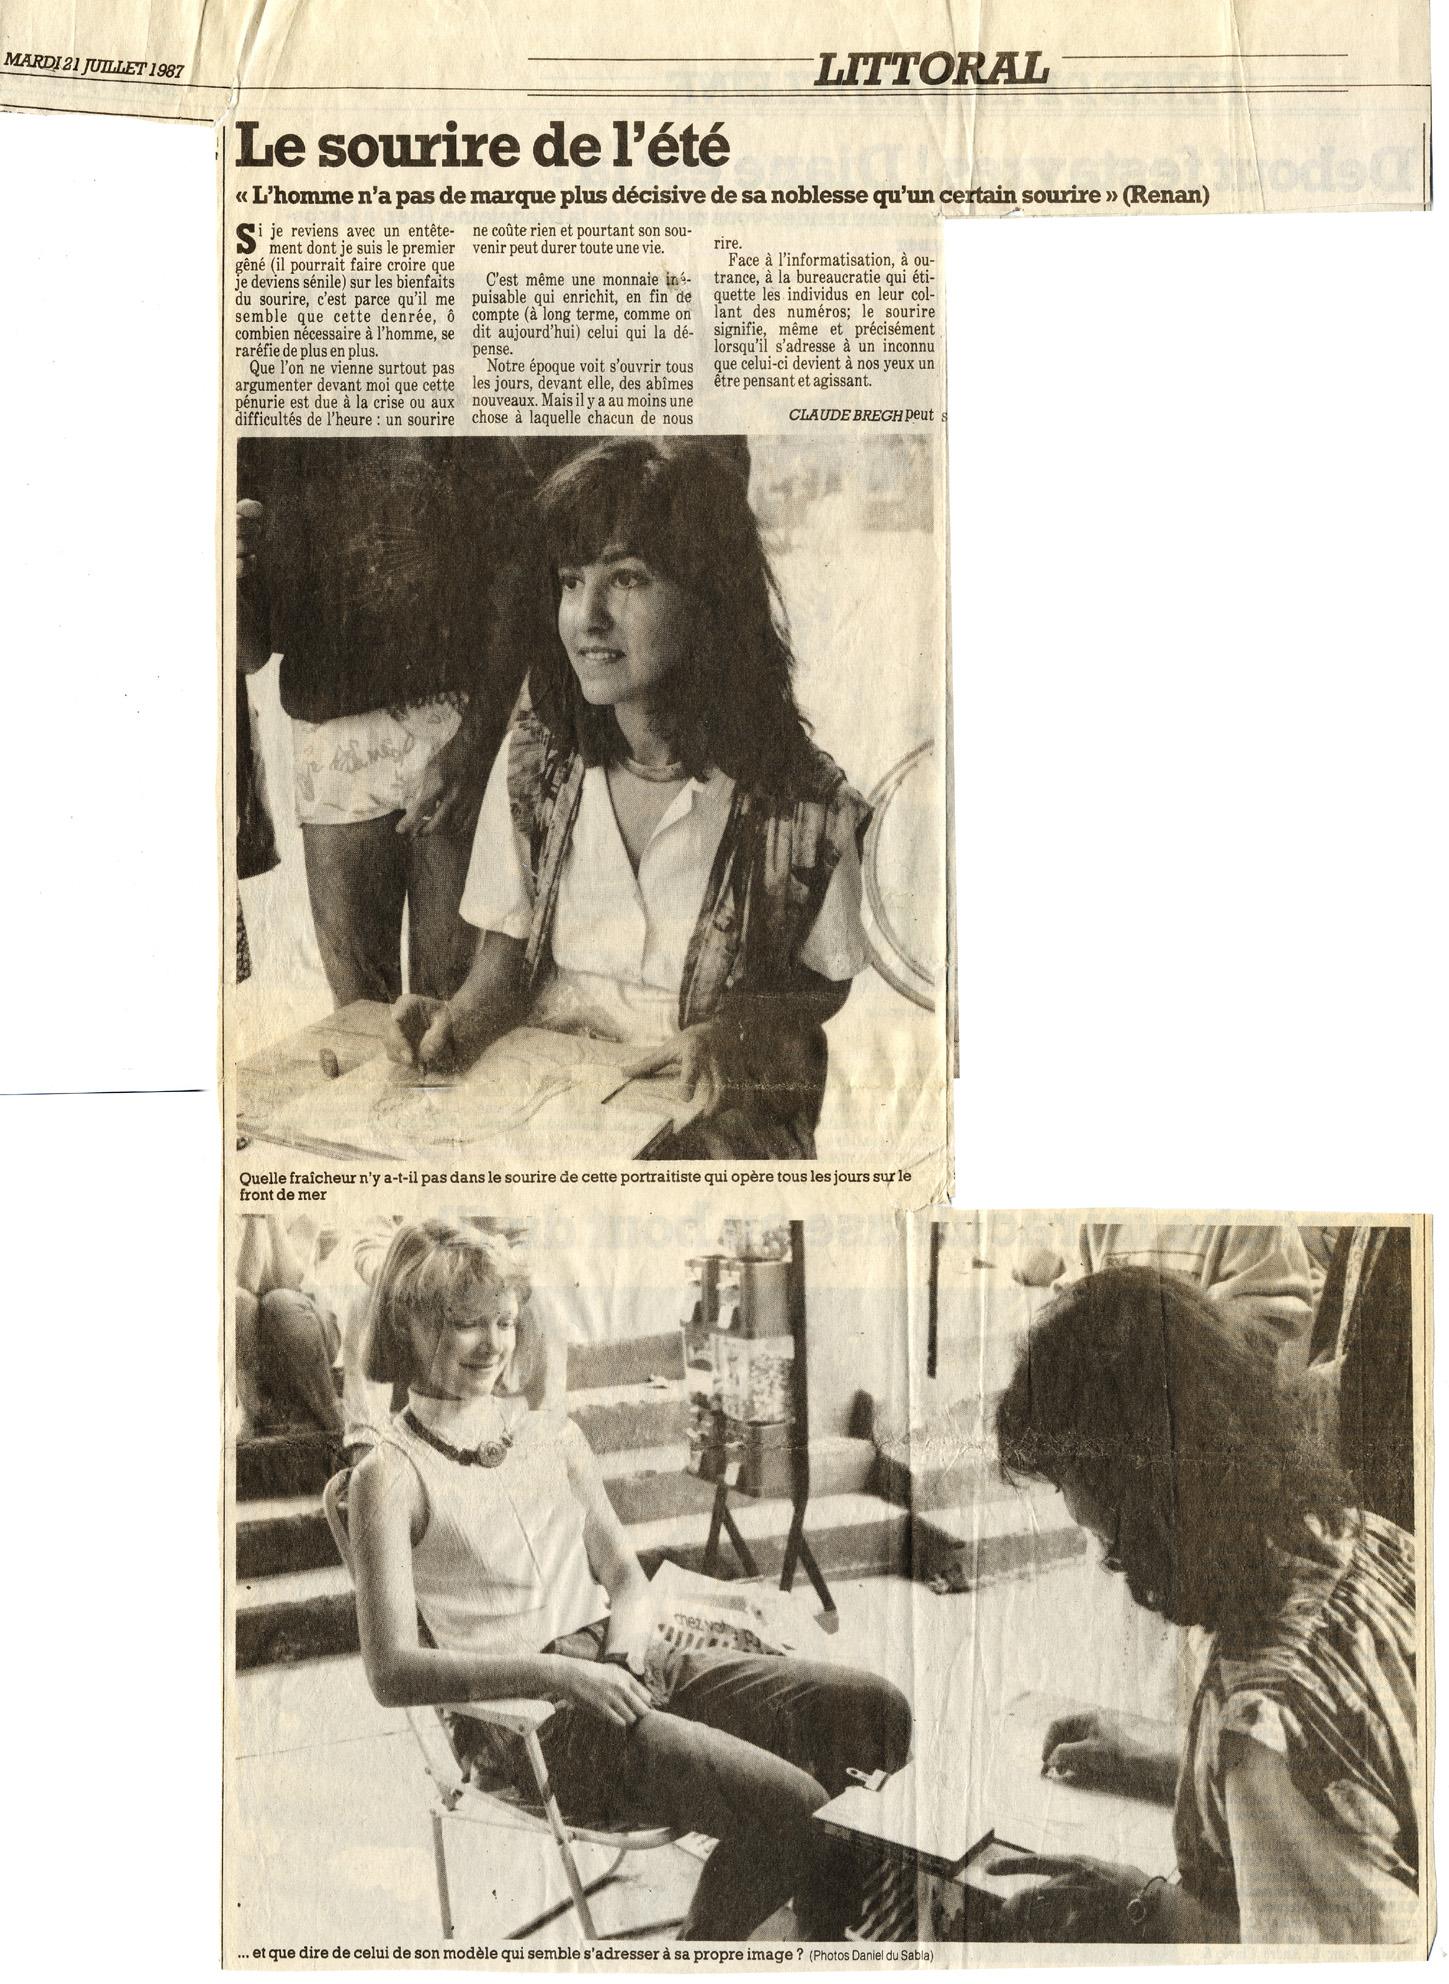 1987 Journal du Sud Ouest